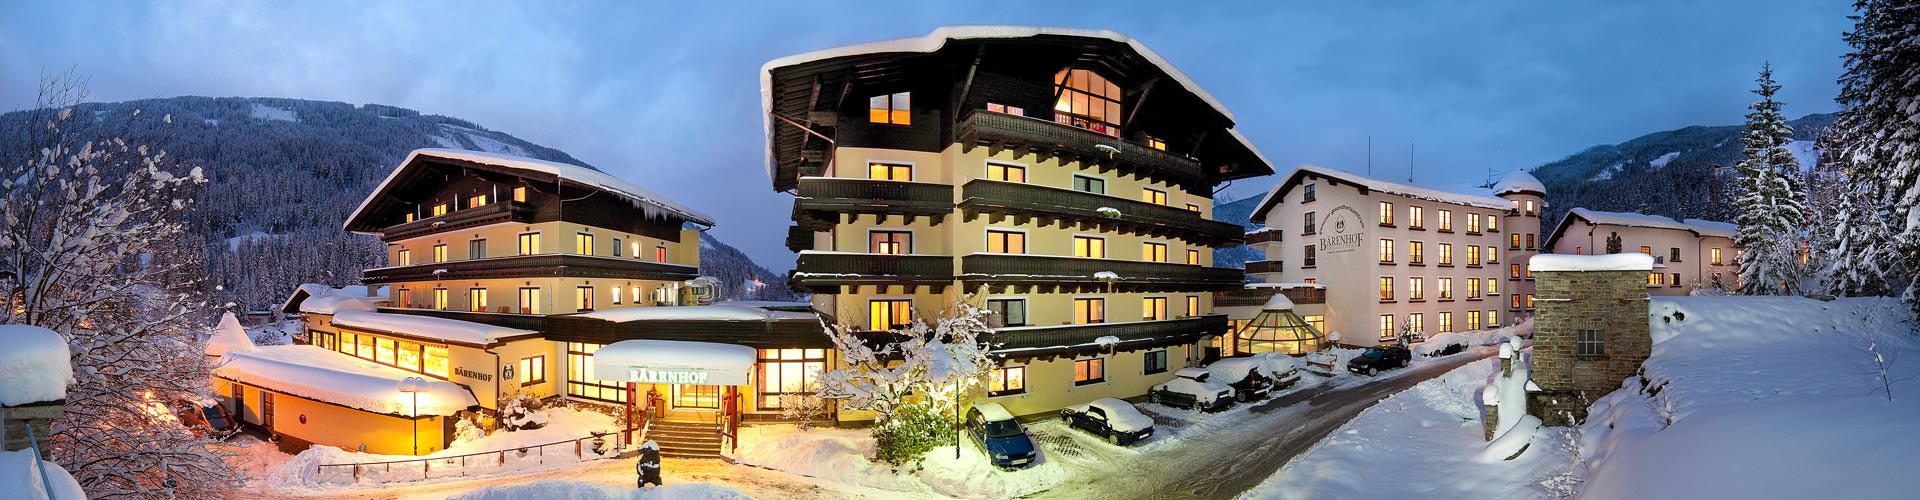 Single-Skireisen Bad Hofgastein - Singlereisen - Sunwave